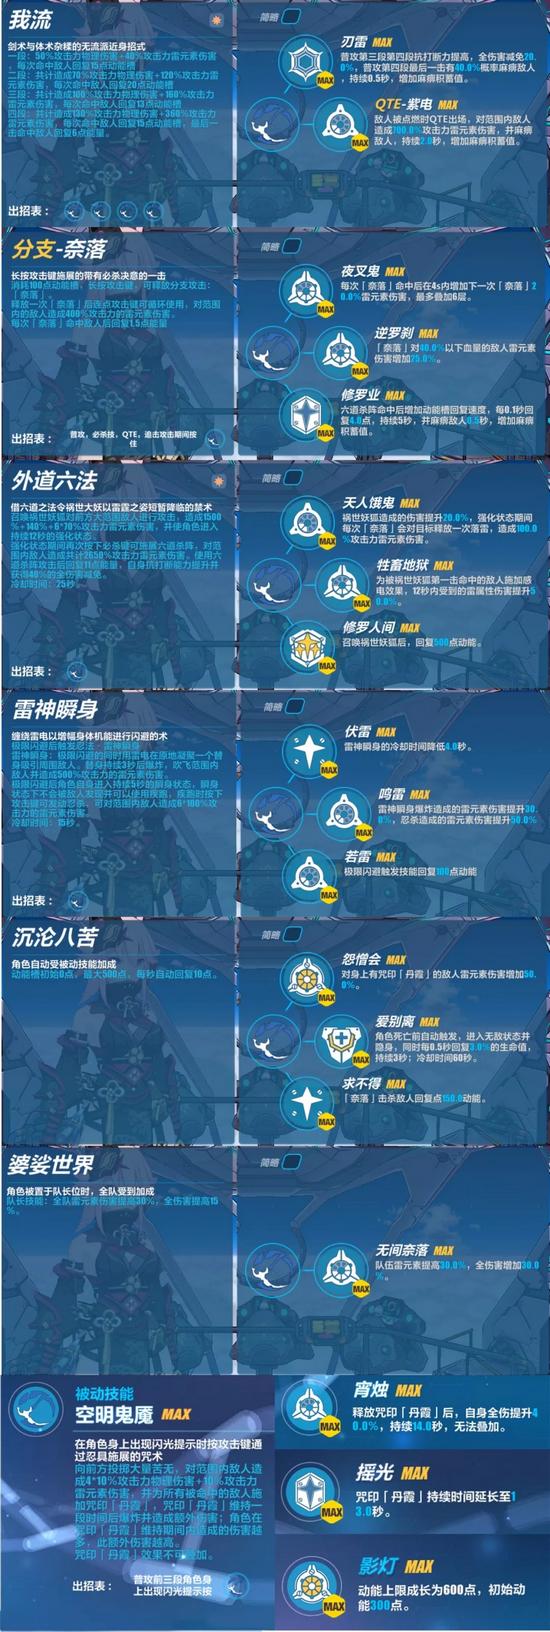 崩坏3V3.6测试服新角色 夜隐重霞技能介绍